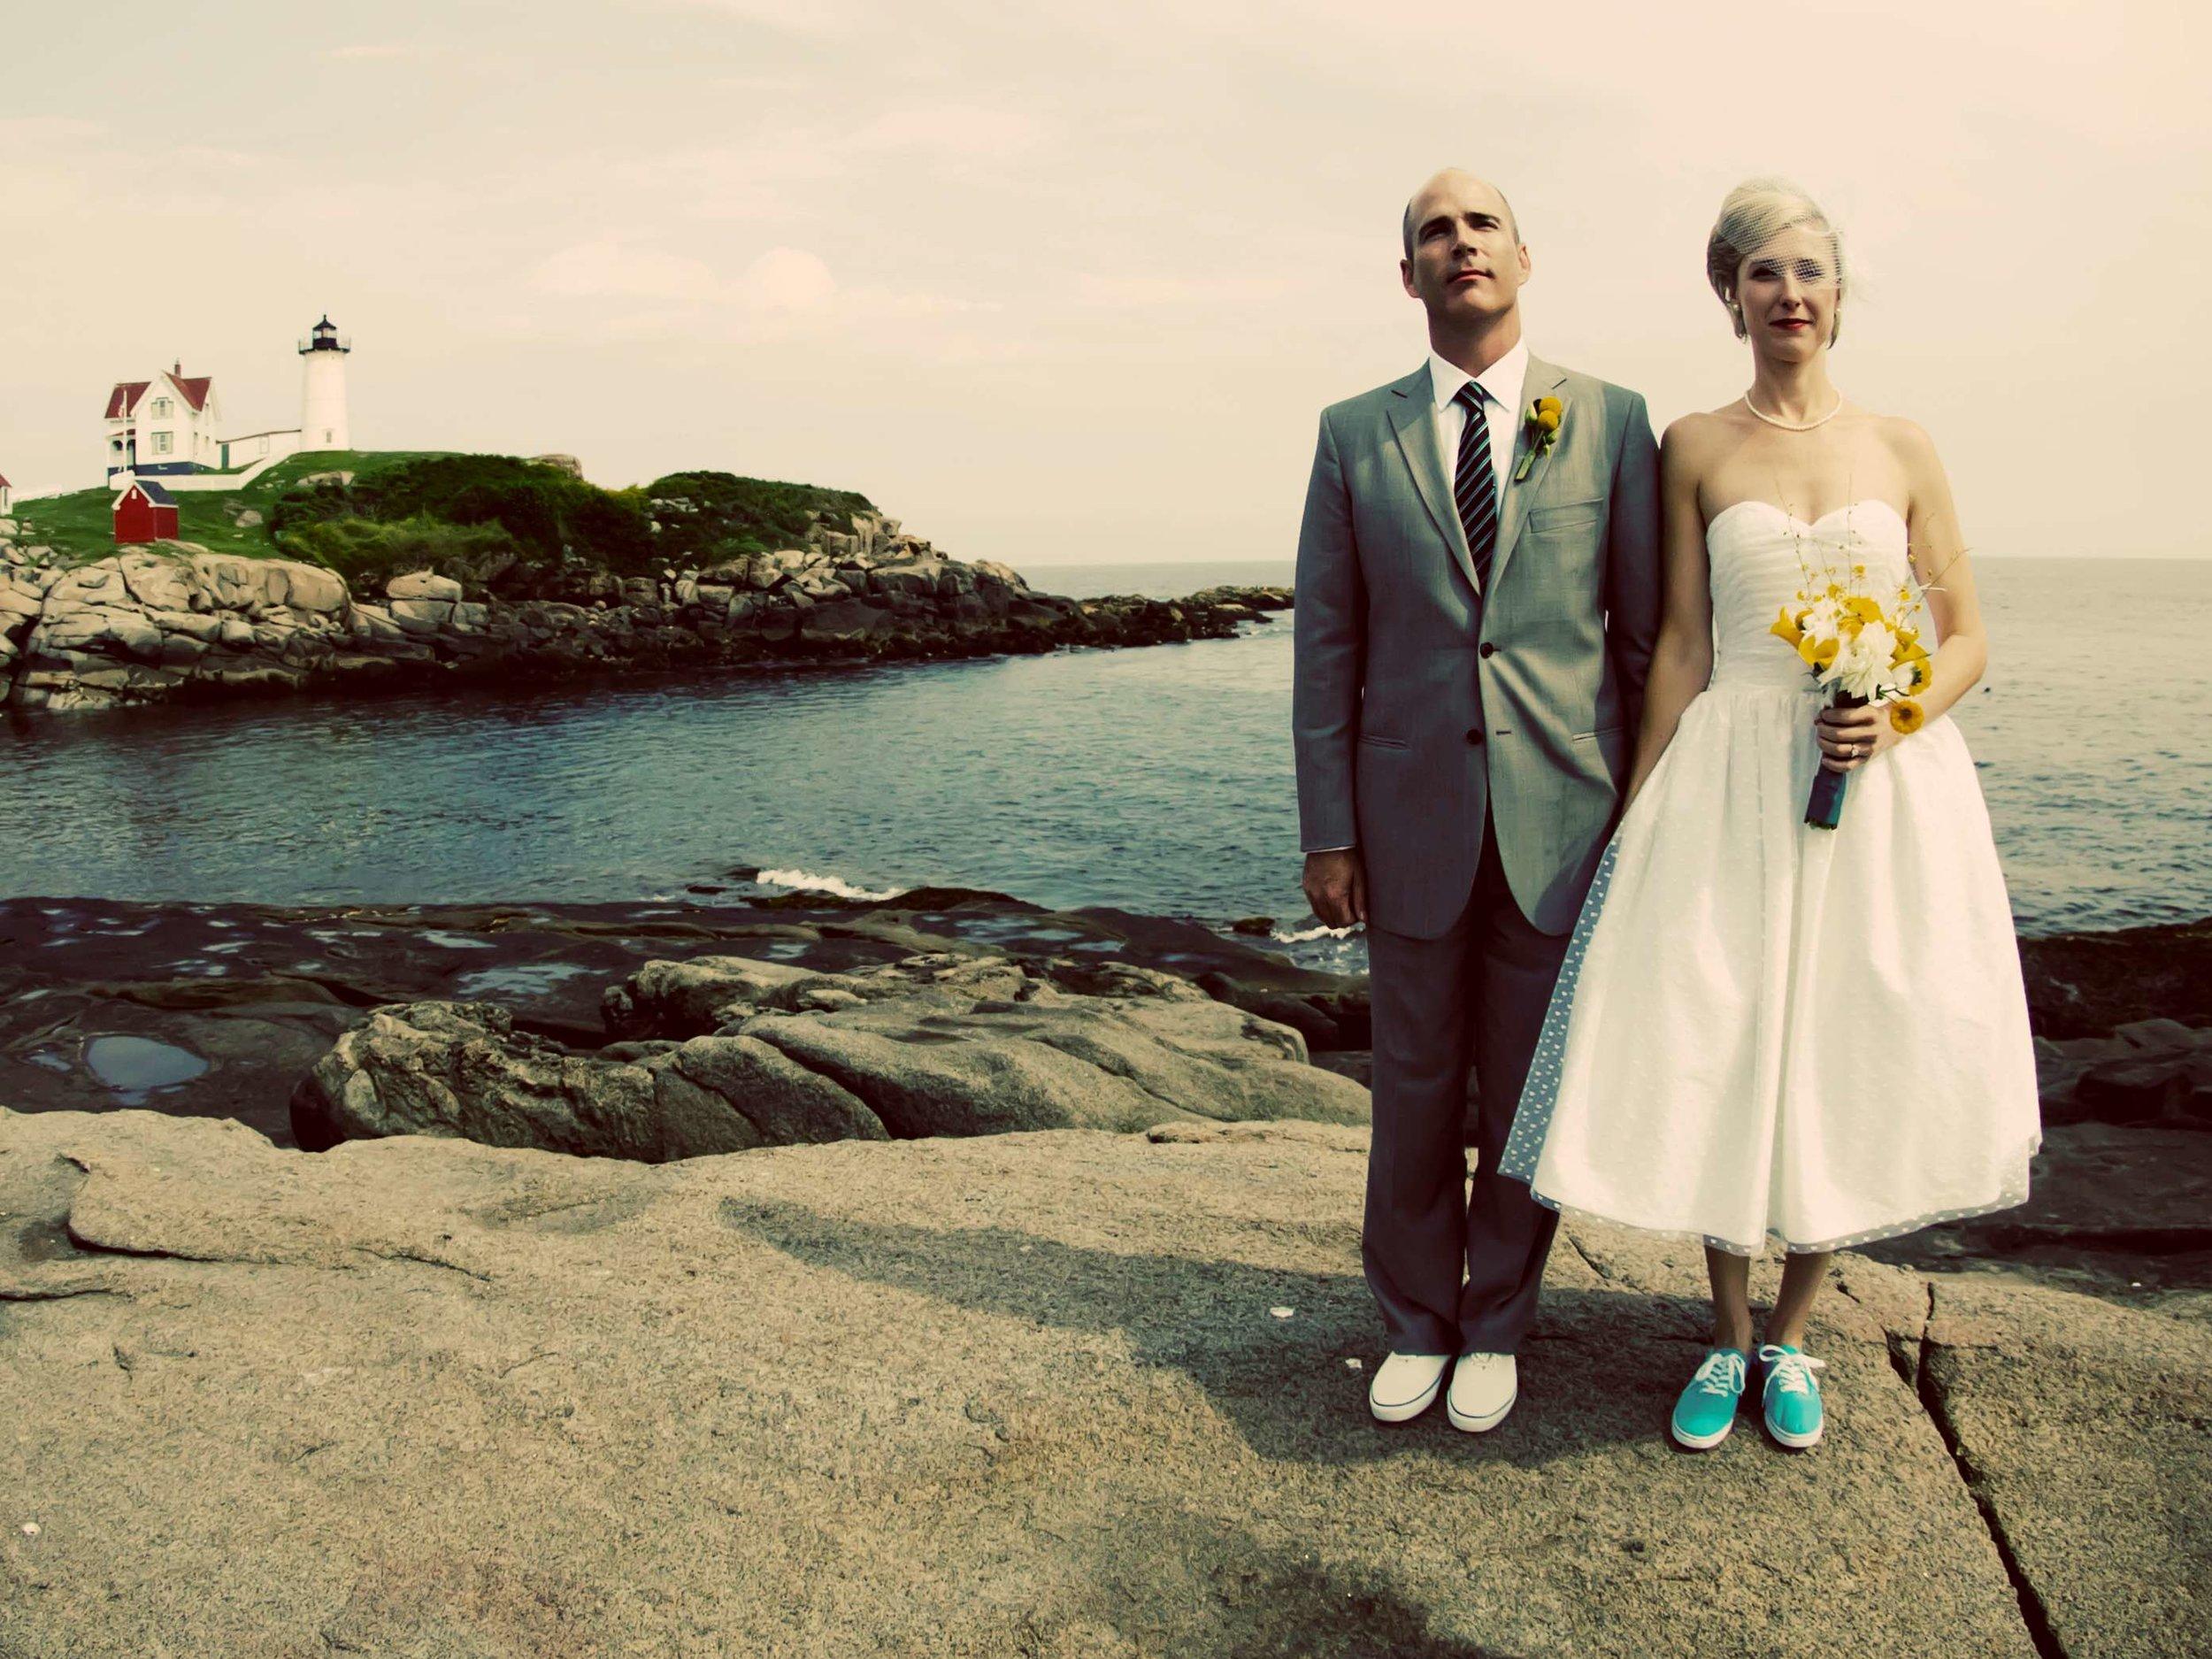 weddings5.jpg